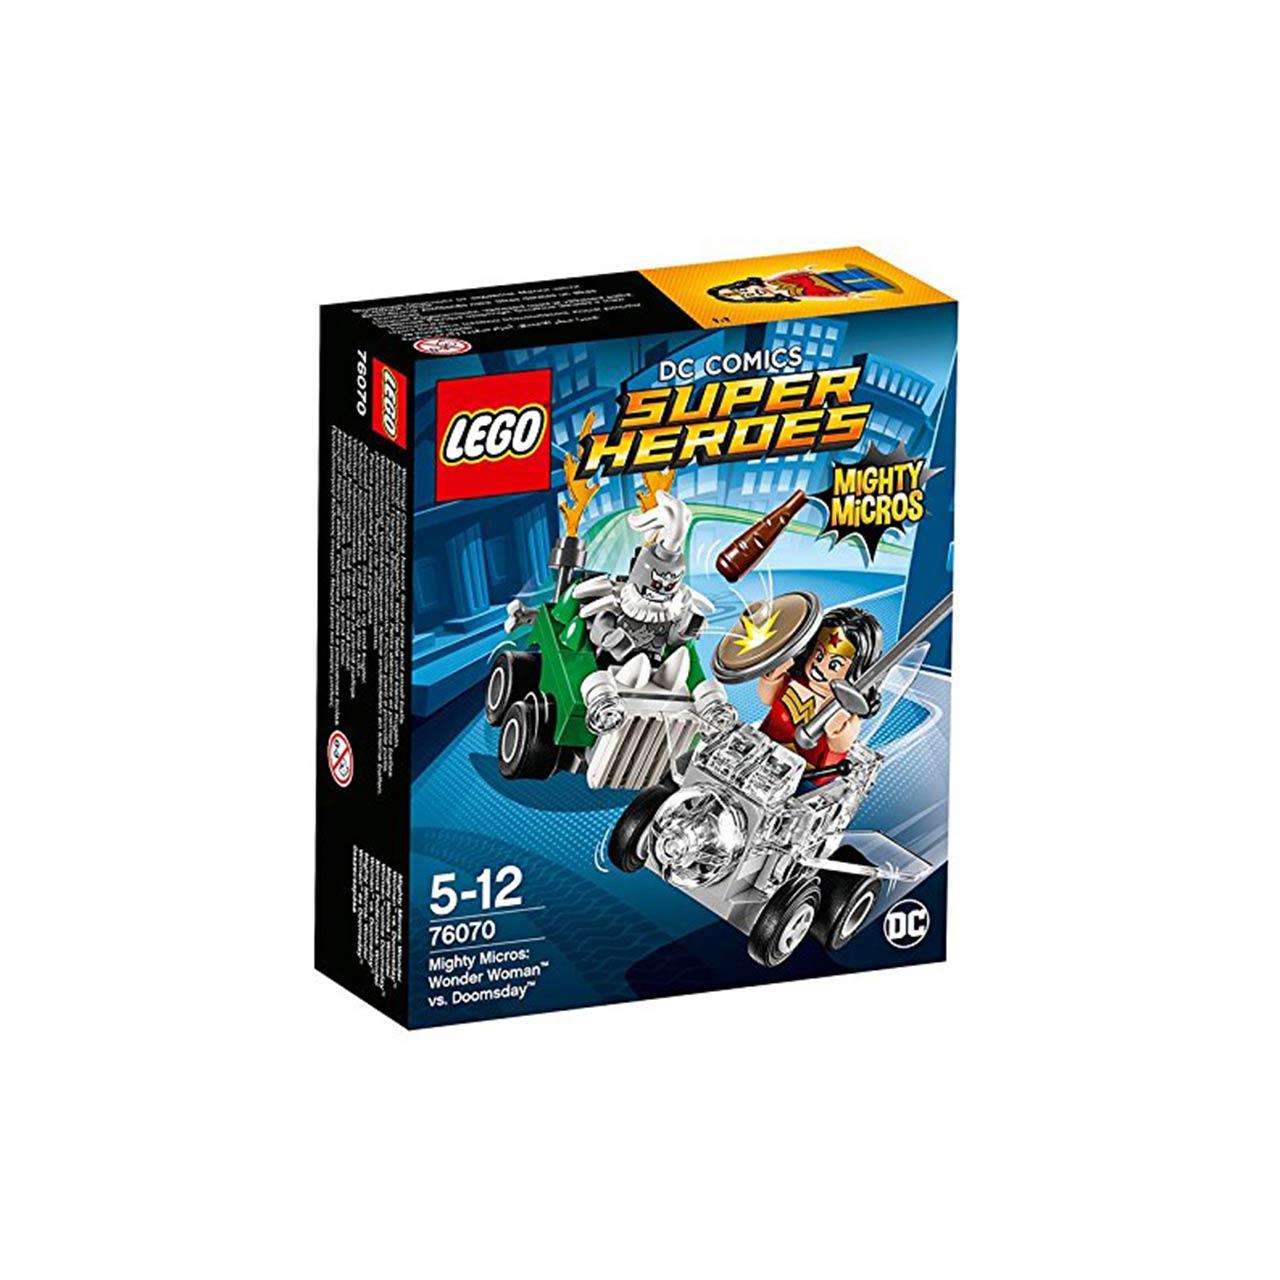 لگو سری Super Heroes  مدل Mighty Micros 76070